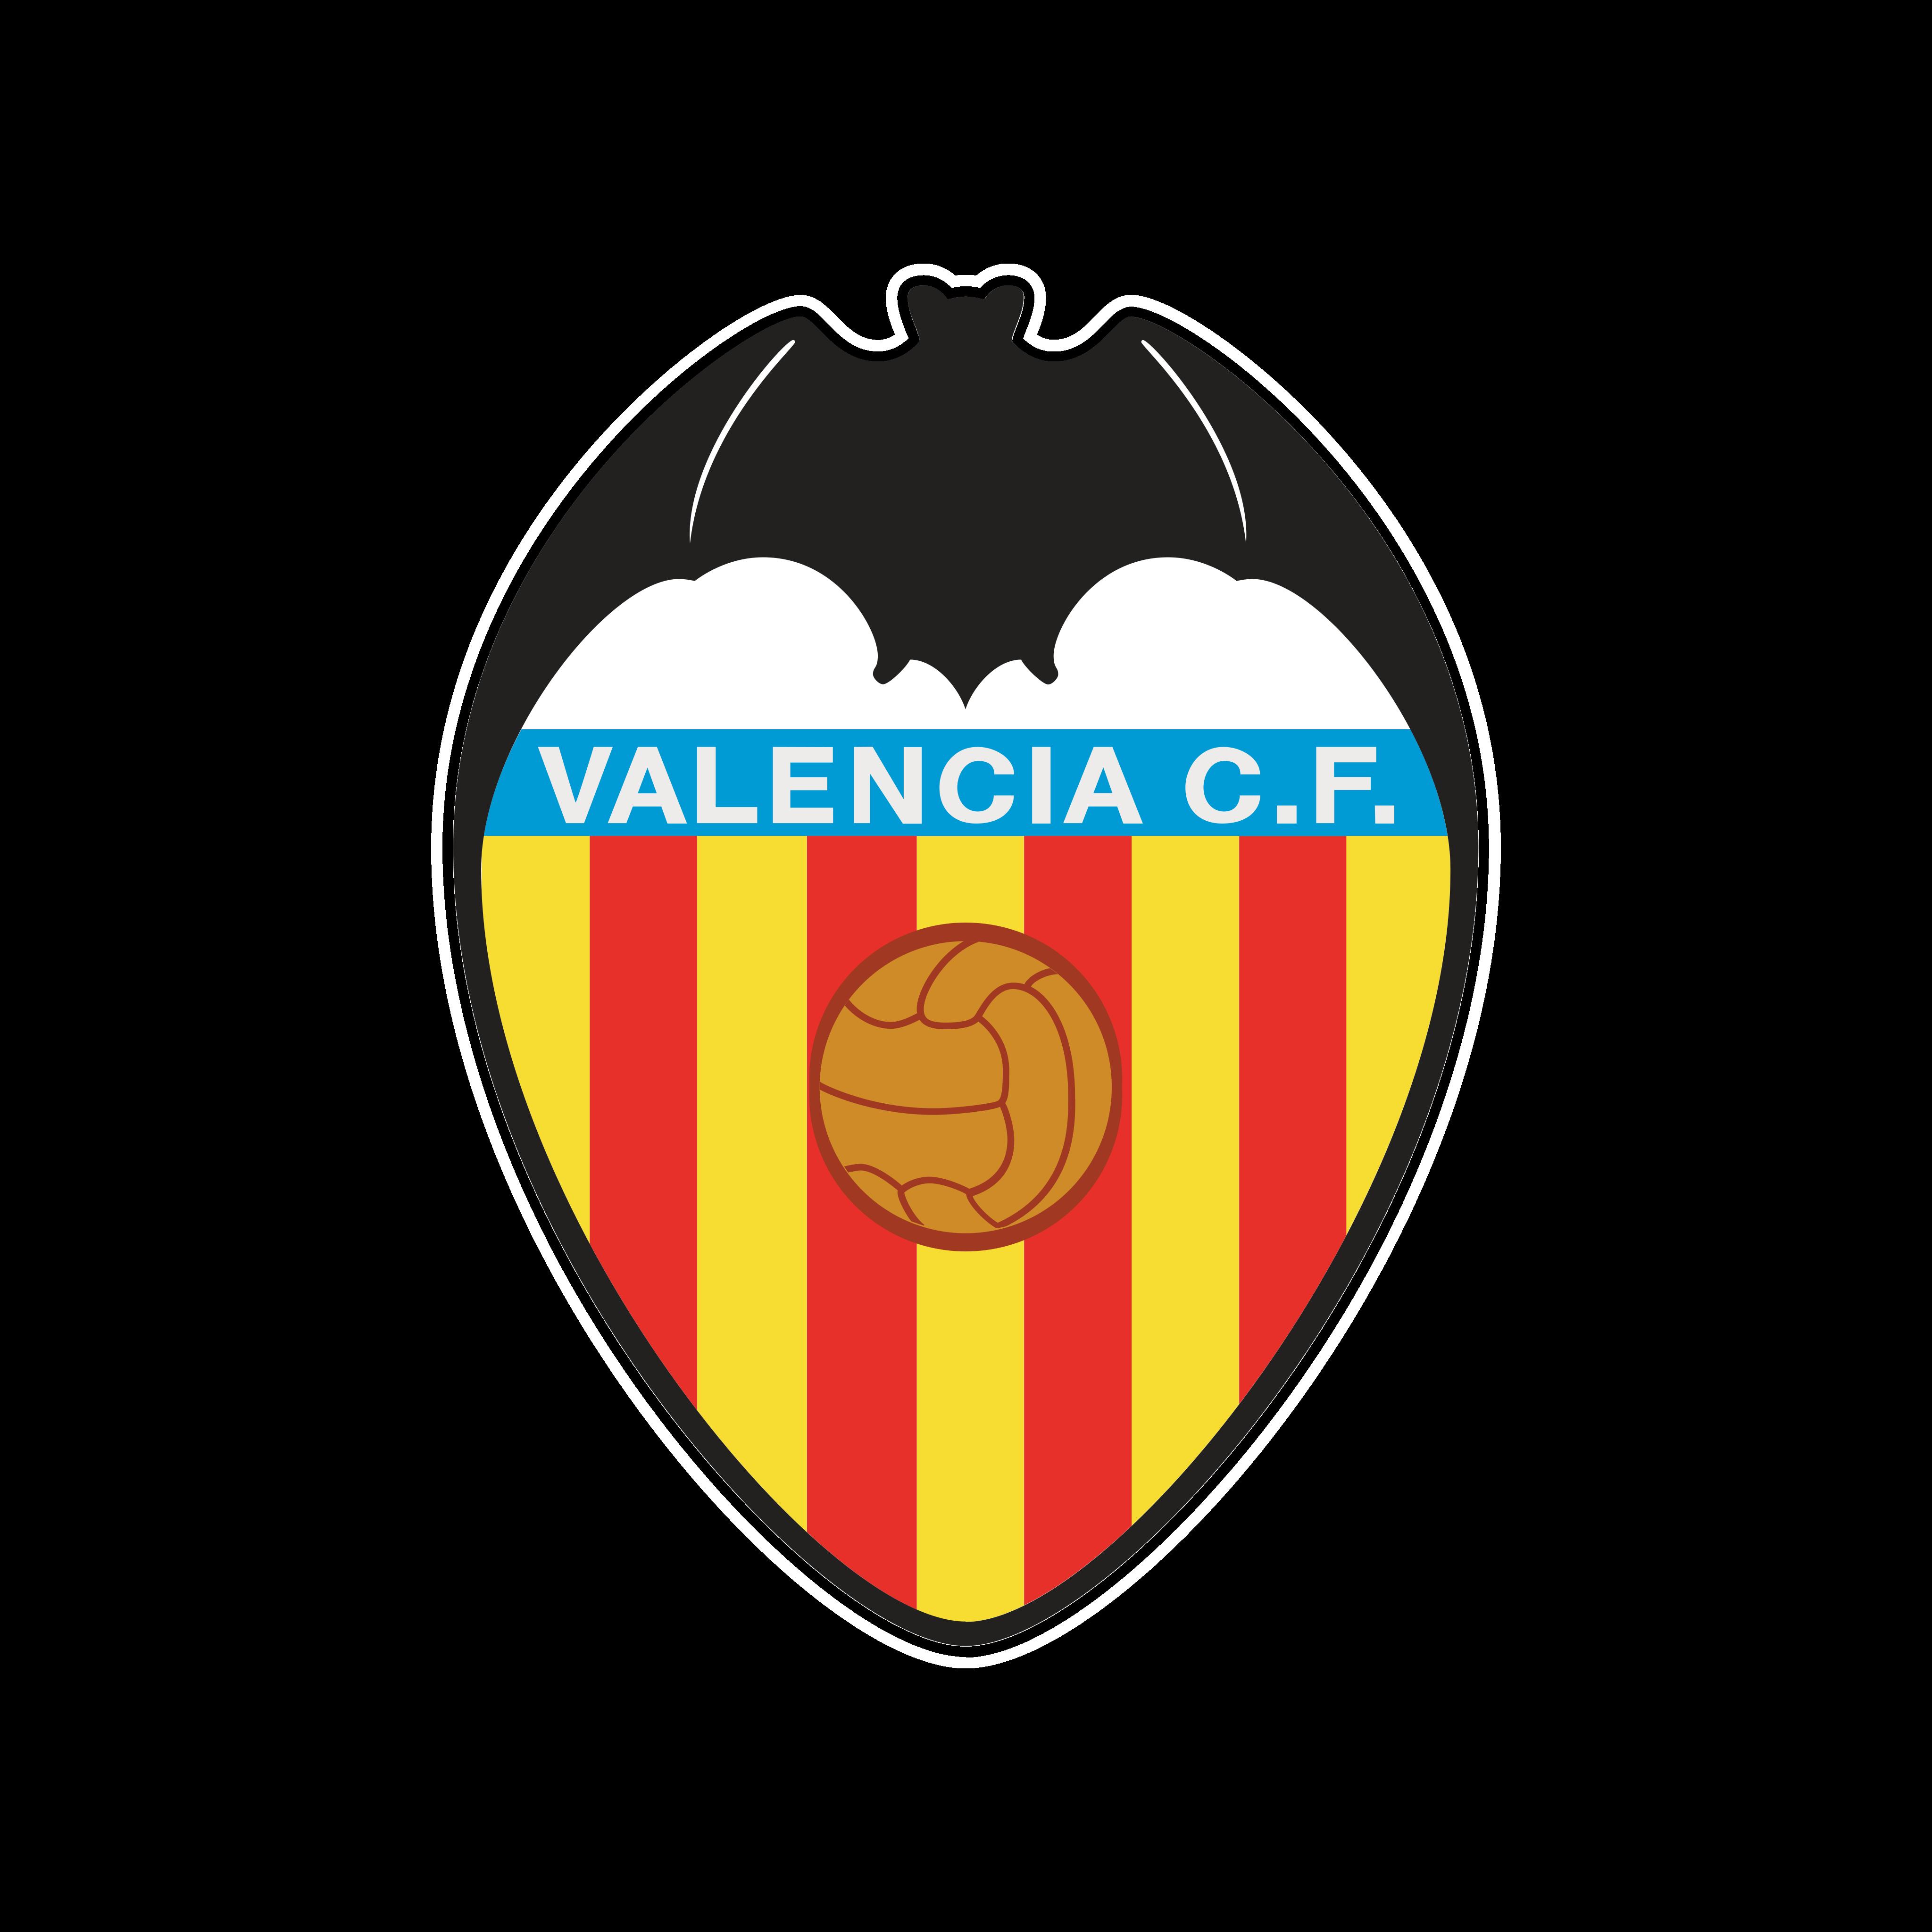 valencia cf logo escudo 0 - Valencia CF Logo